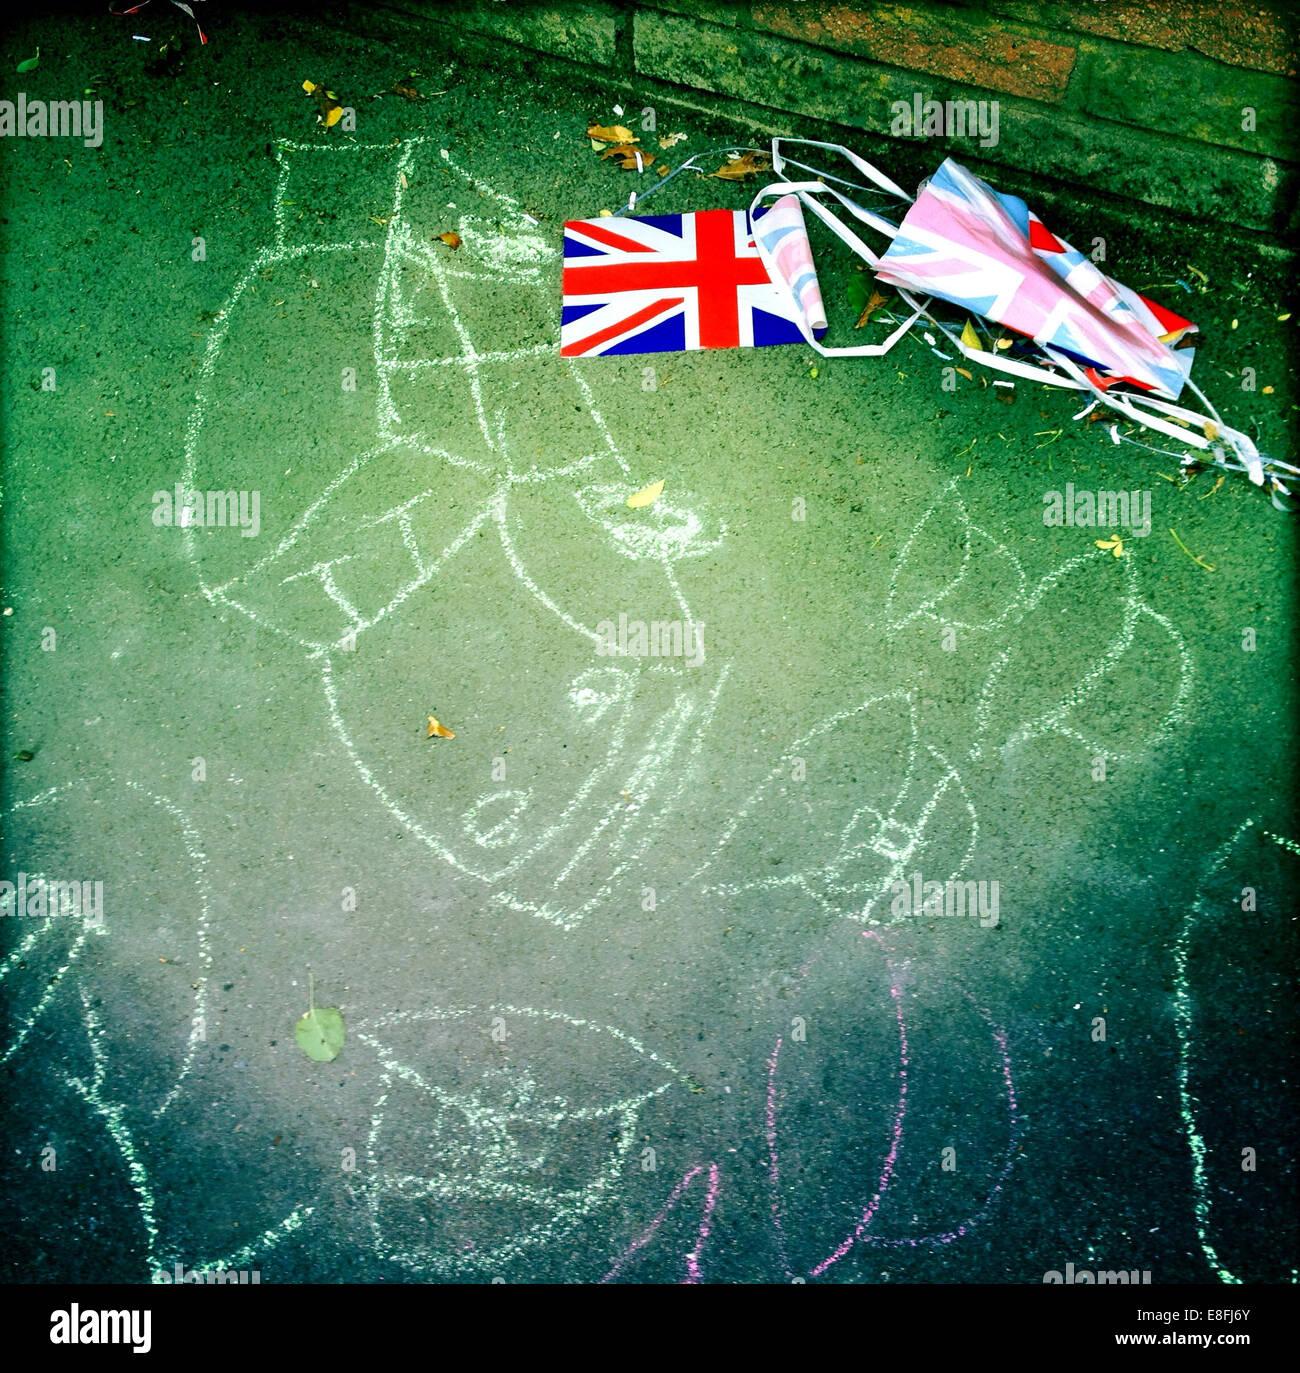 Royaume-uni, Angleterre, Londres, dessins au pastel sur trottoir et banderoles à côté d'elle Photo Stock